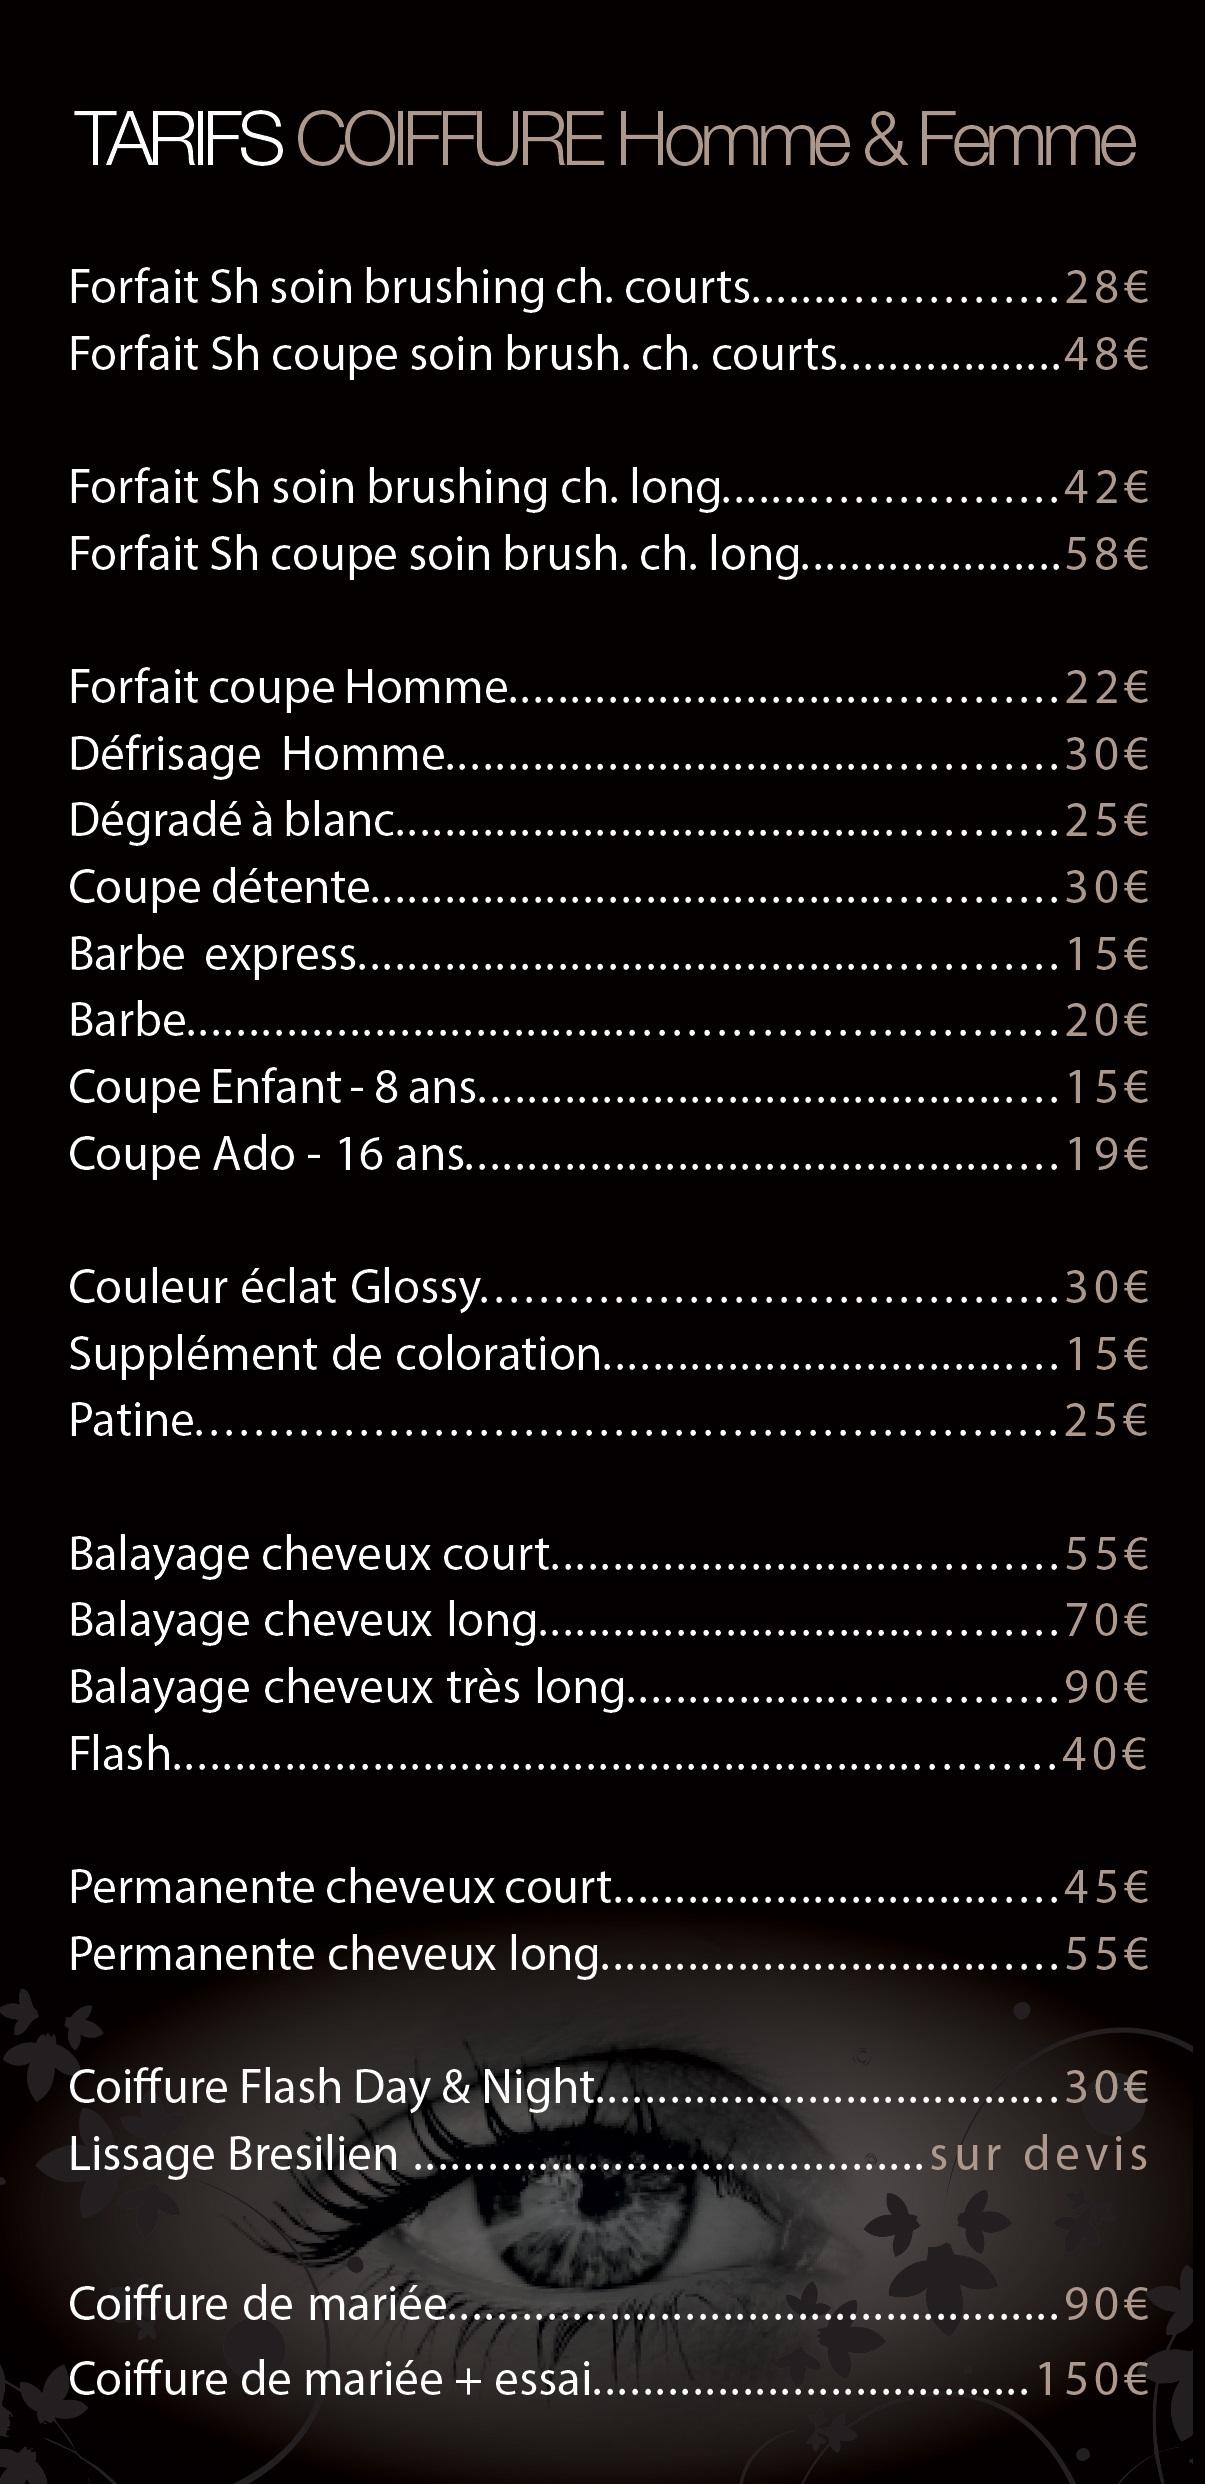 Institut de beaut et salon de coiffure montpellier for Tarif de coiffure en salon